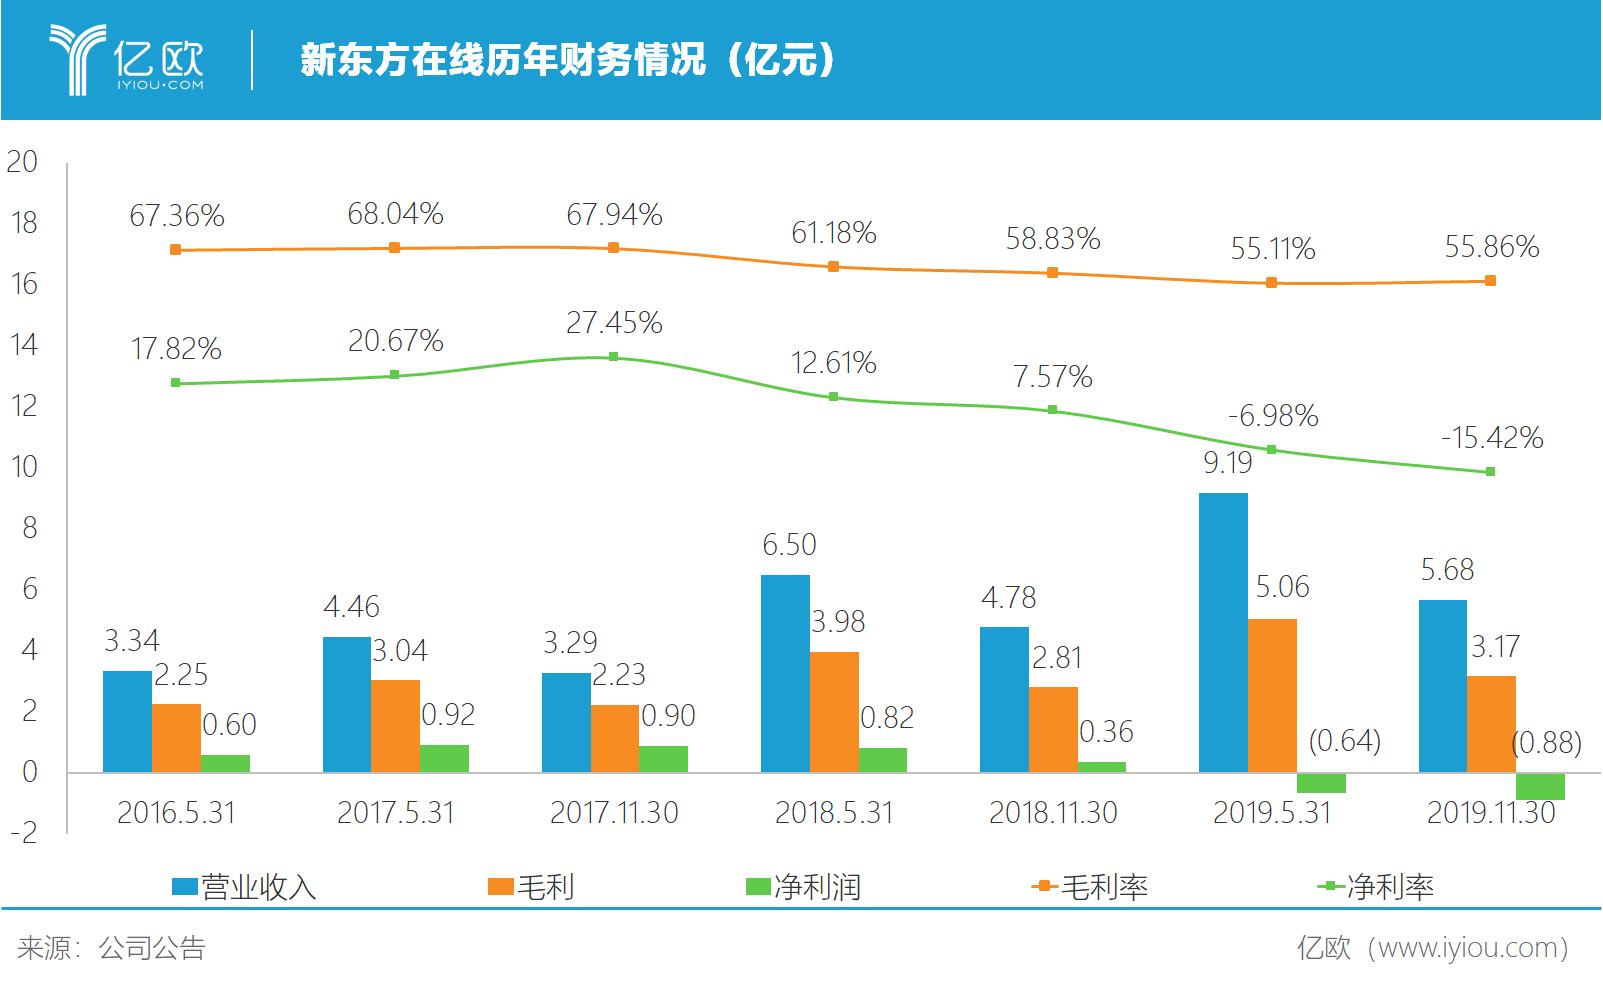 亿欧智库:新东方在线财务情况